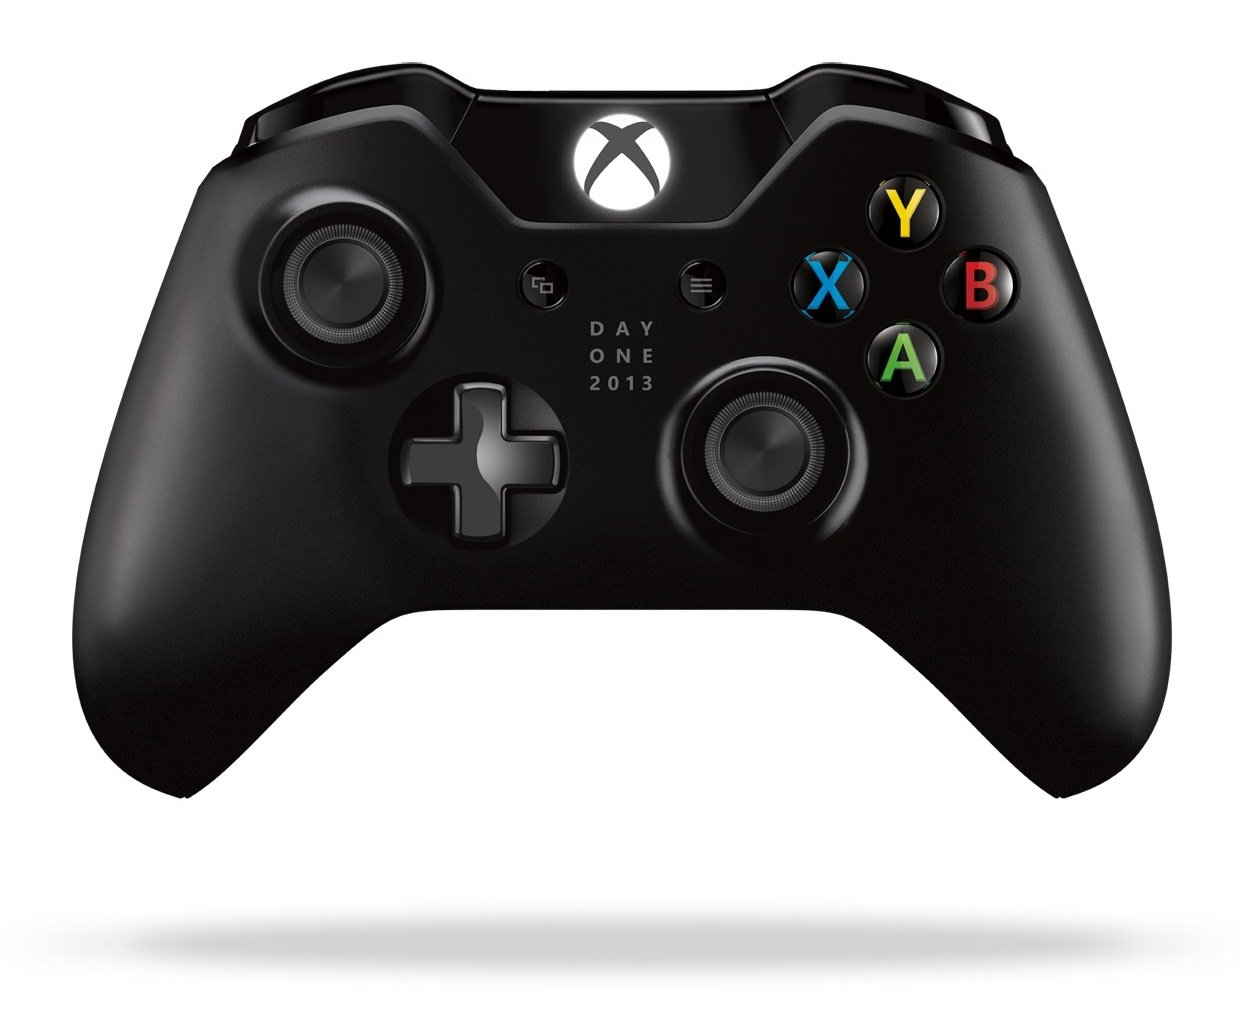 Xbox One Day One Edition Xbox One Konsole - Limitierte